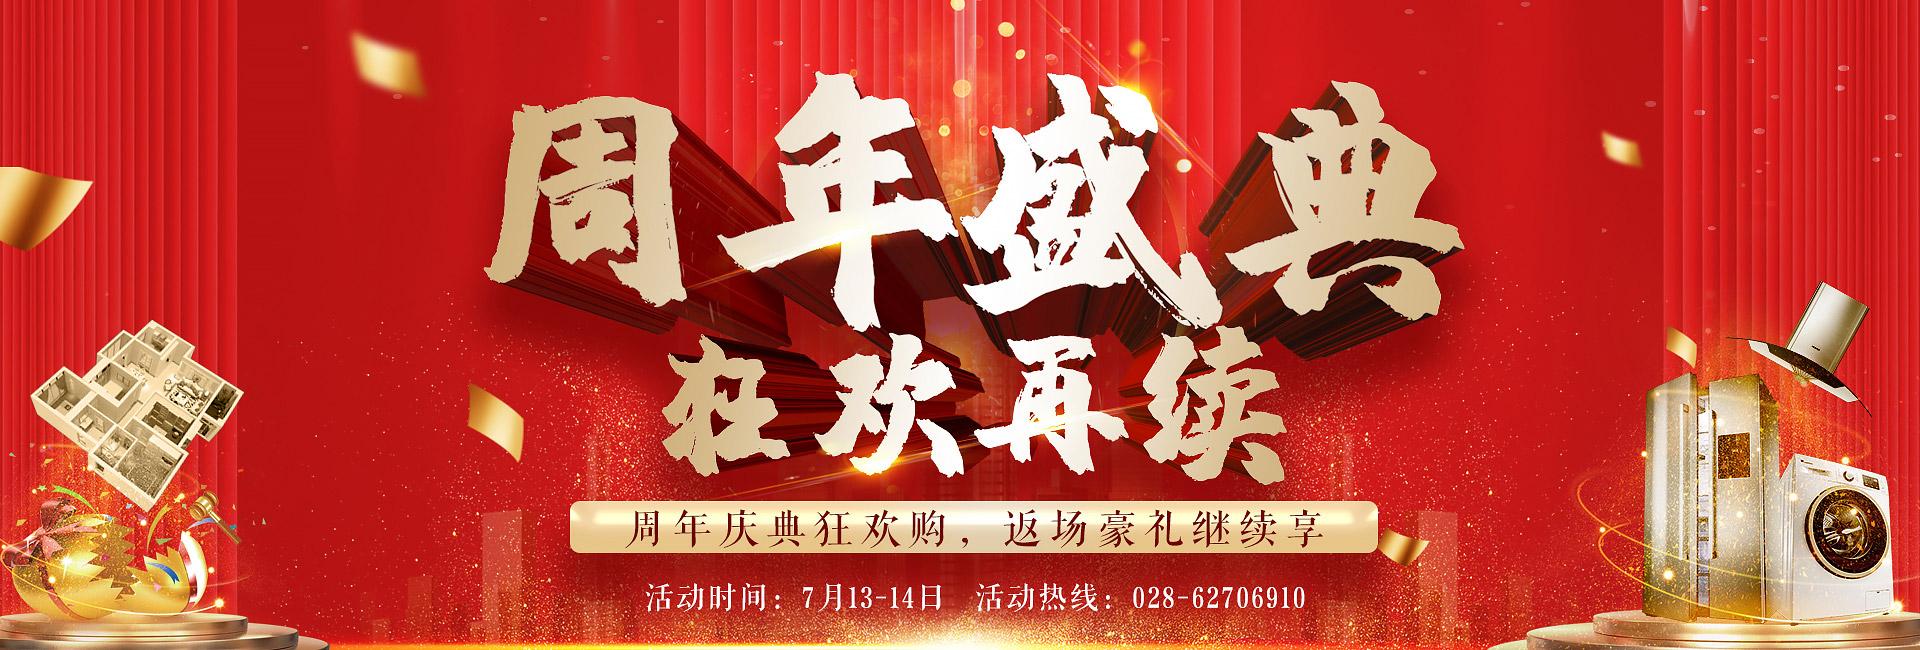 成都中文字幕